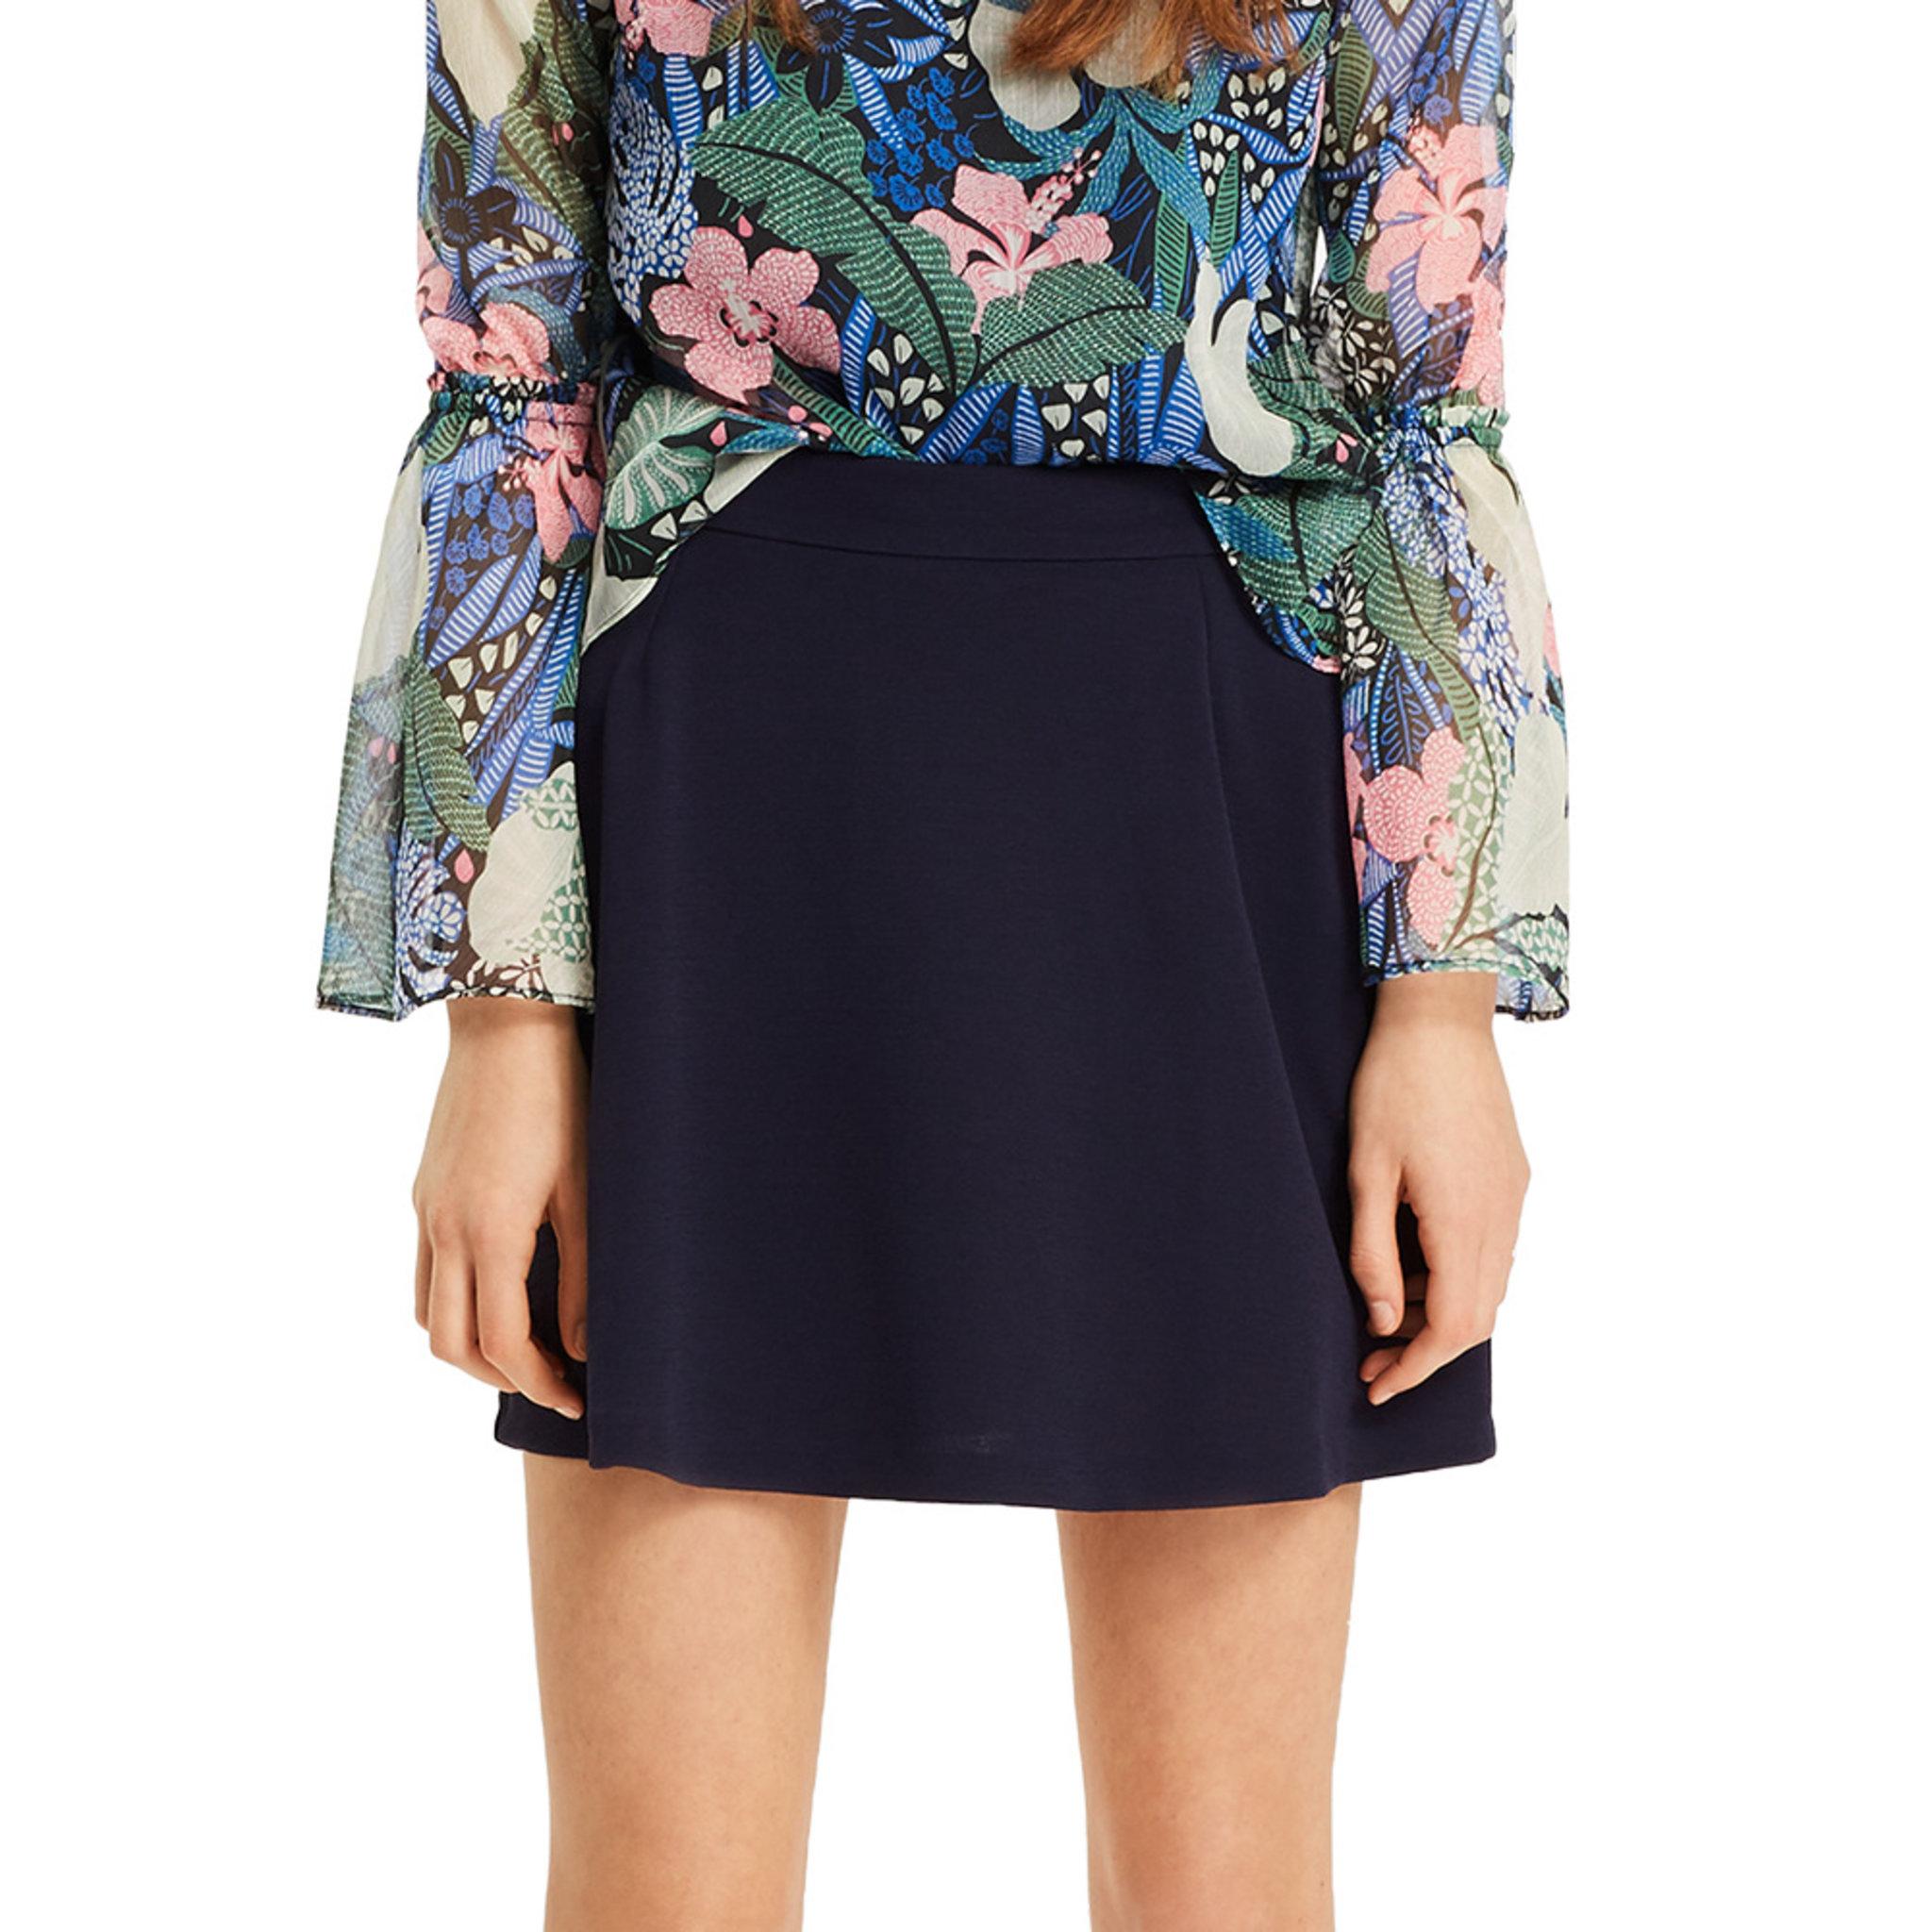 4772415239a0 Basic Skater Skirt - Kjolar - Köp online på åhlens.se!